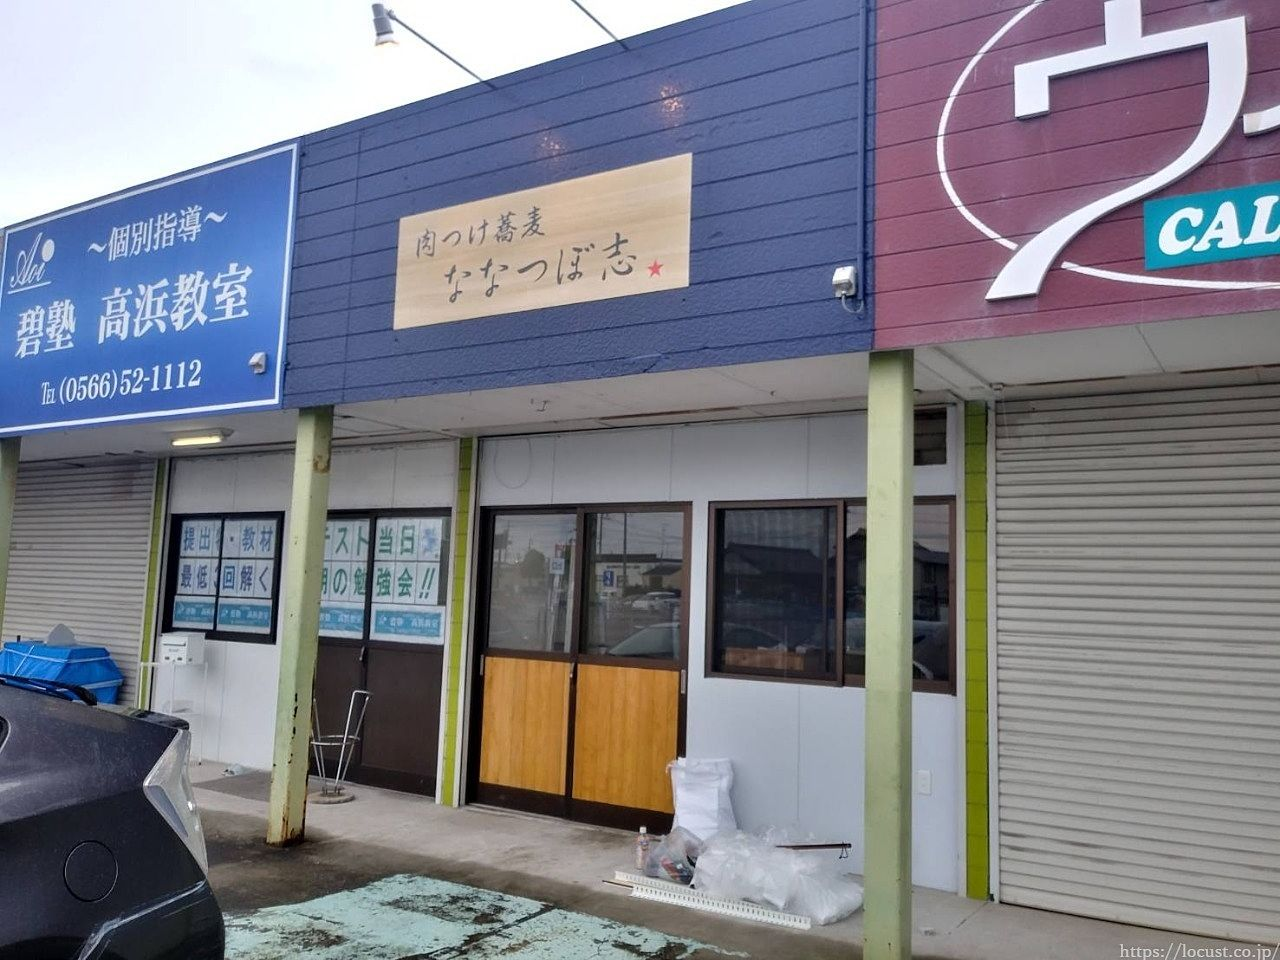 高浜市神明町 肉つけ蕎麦「ななつぼ志」新規オープン!飲食店開店のお知らせです。